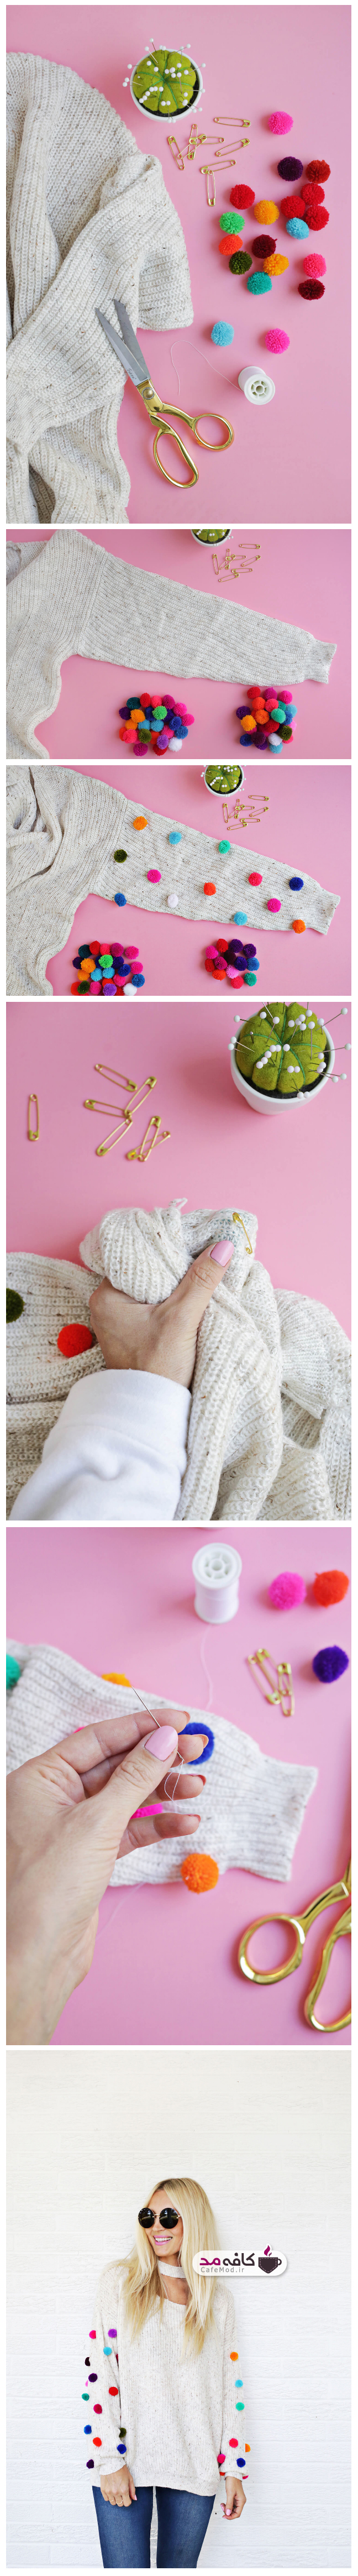 آموزش تزیین لباس زمستانه با پم پم